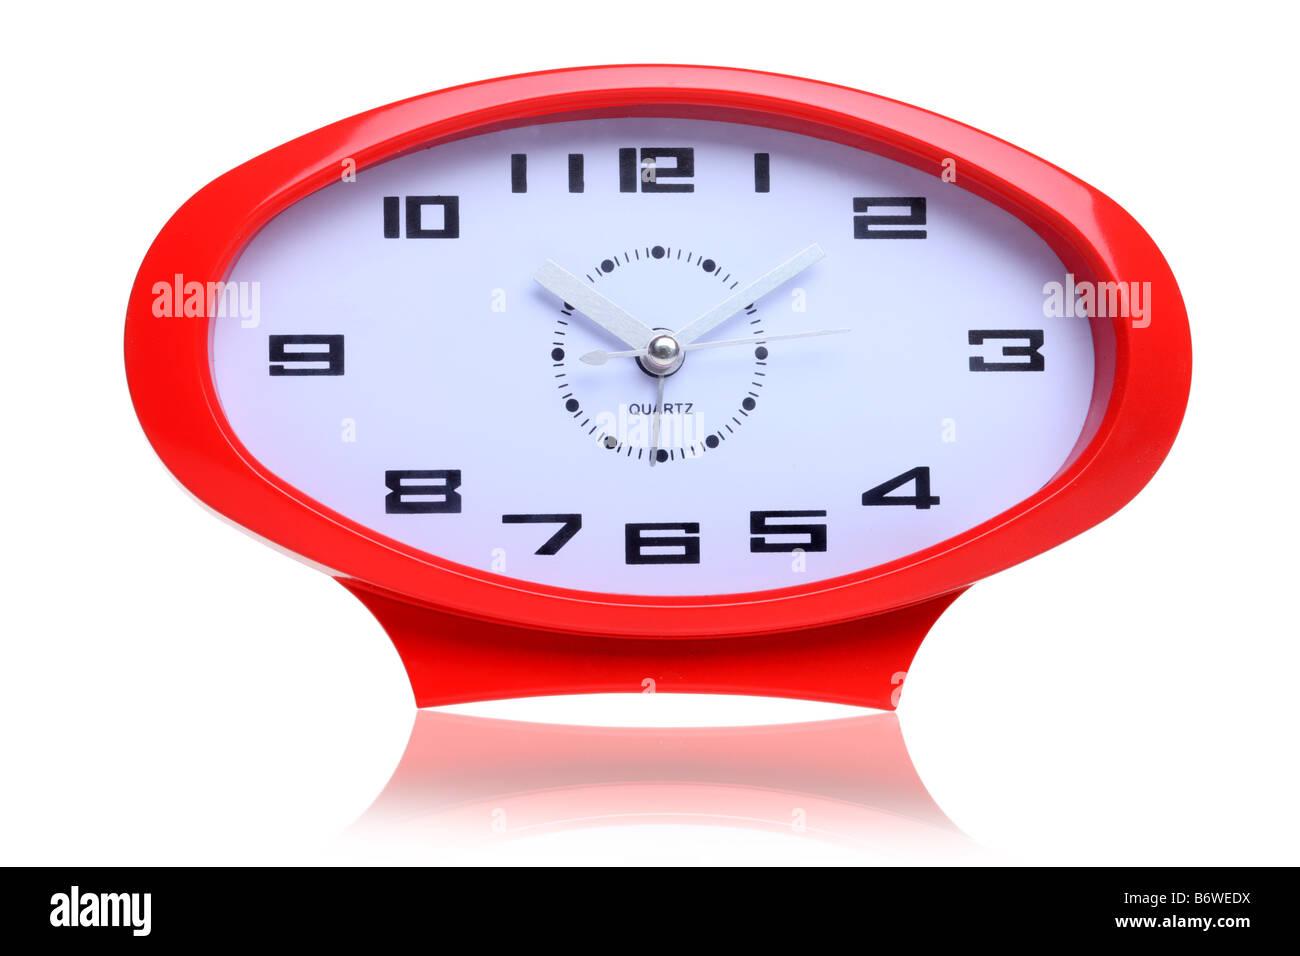 Rote Retro-ovale Uhr isoliert auf weißem Hintergrund ausschneiden Stockbild